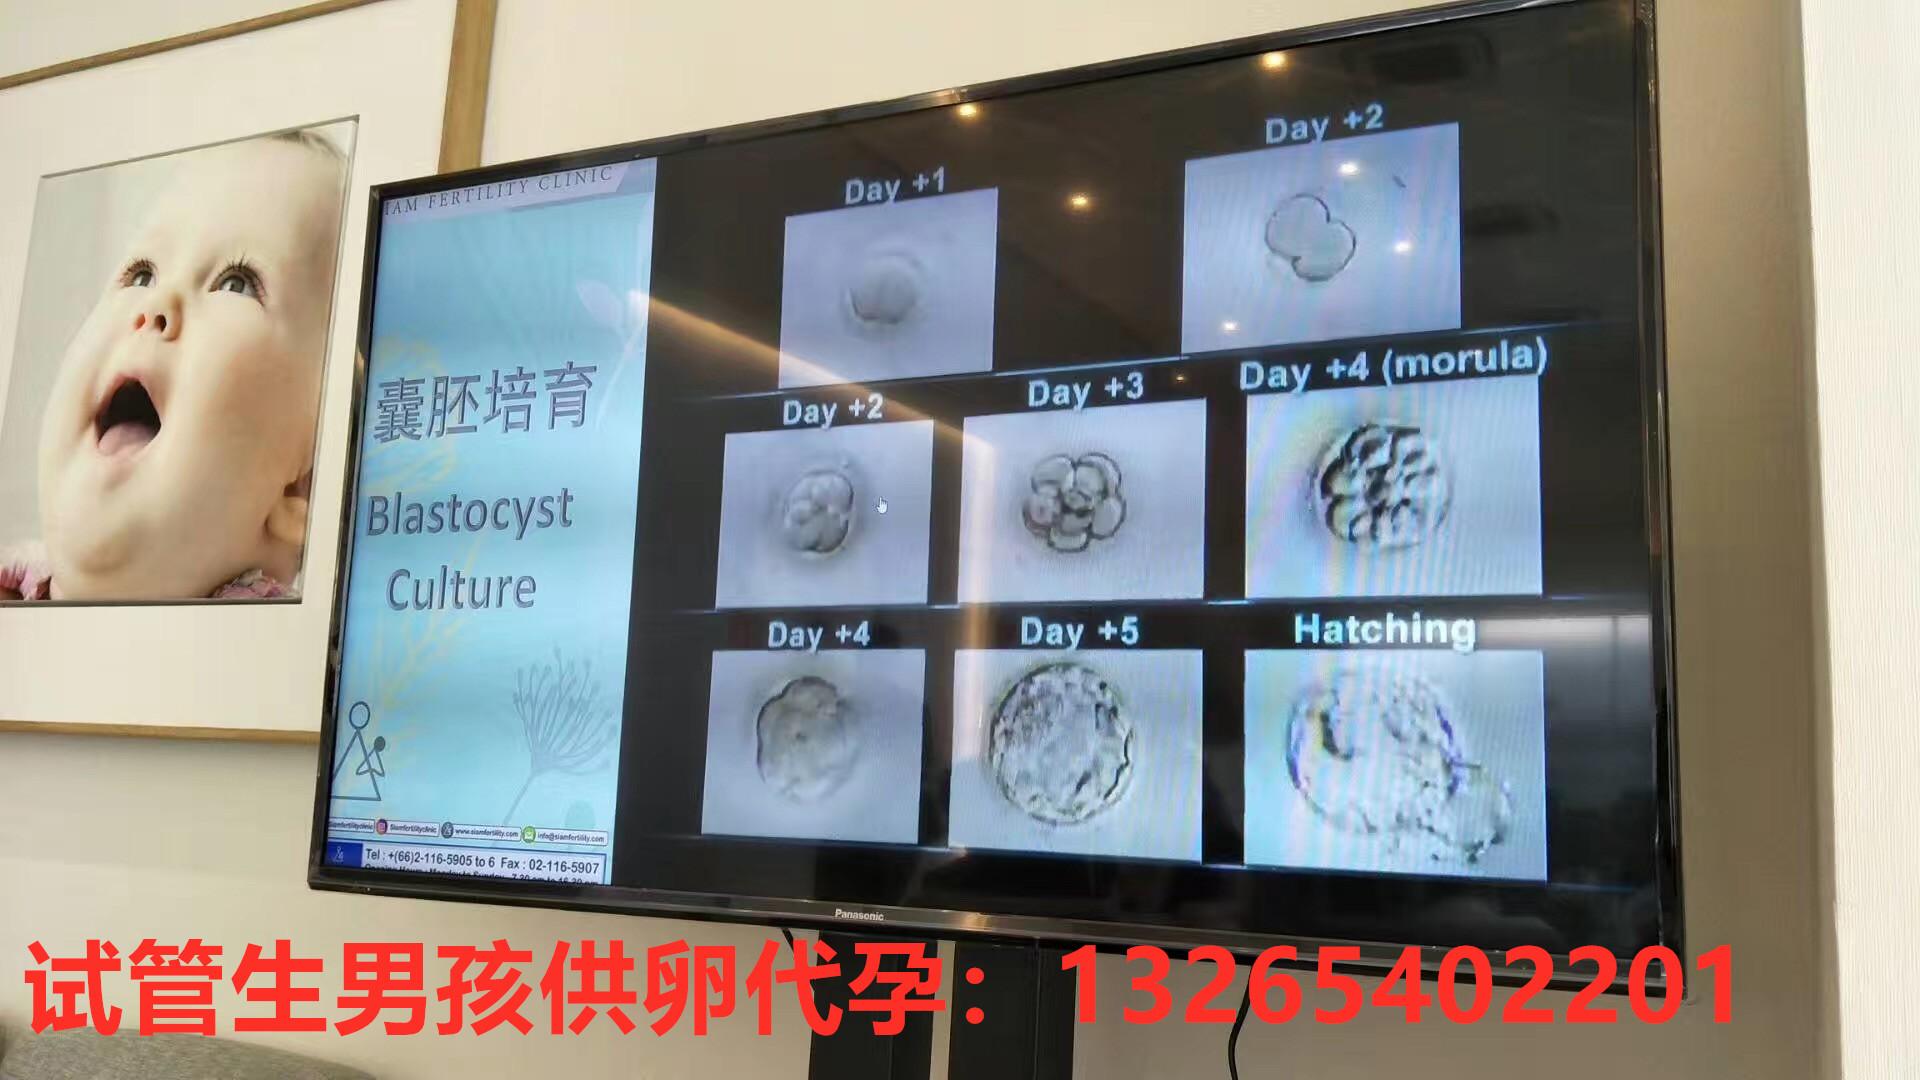 好运健康好运健康泰国试管:医生说胚胎很好,为什么还是不成功呢?  胚胎,移植,试管婴儿,患者,阶段 泰国试管移植